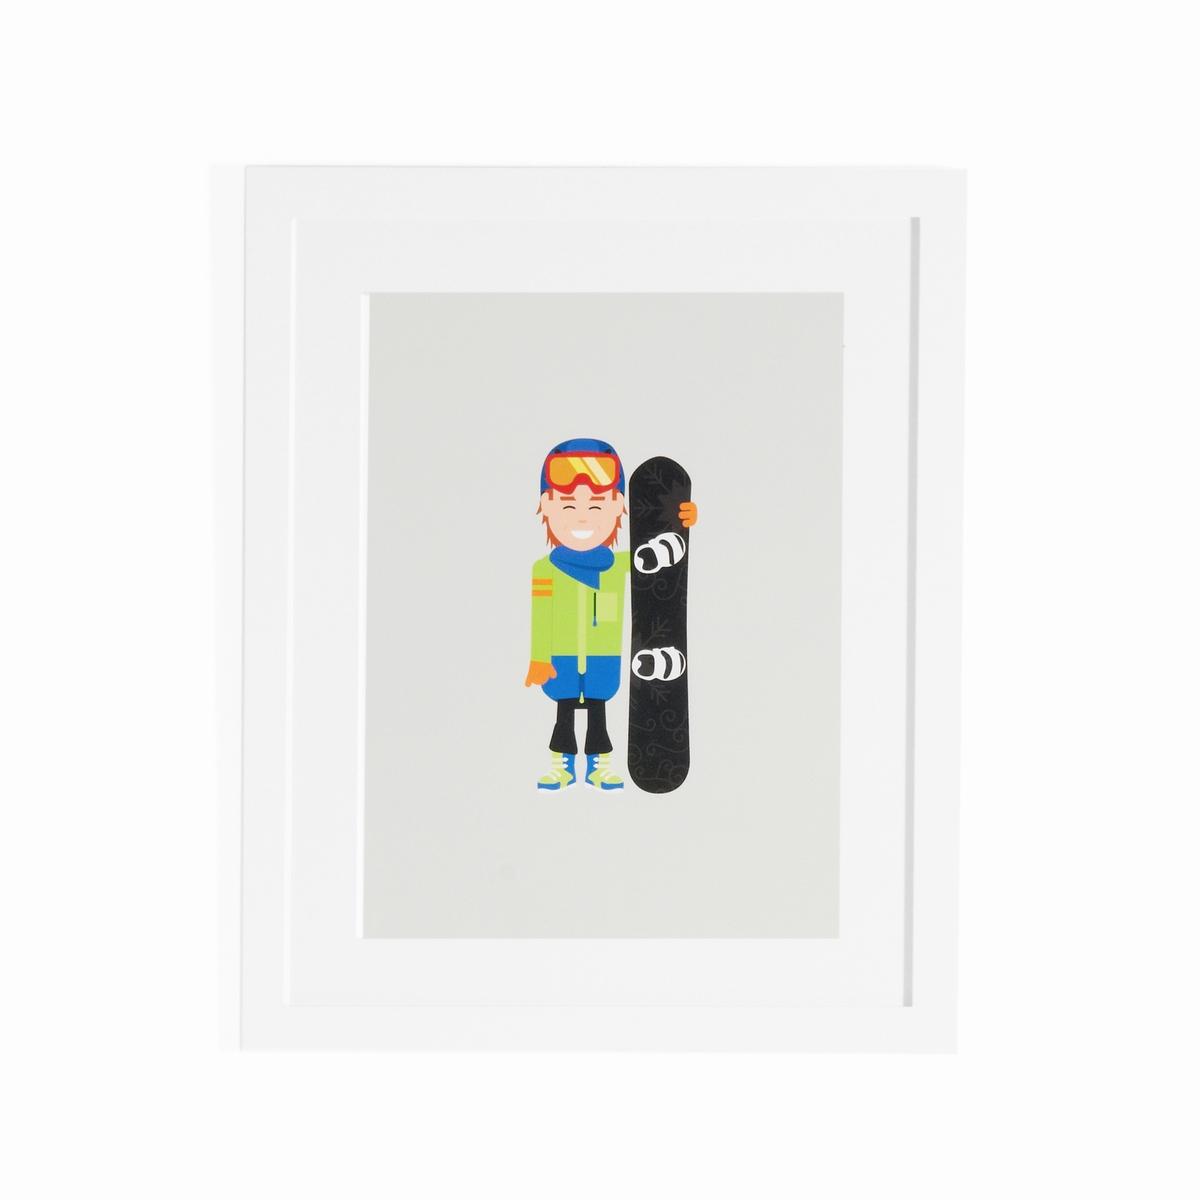 Плакат в рамке сноубордист, CoriamaiПлакат в рамке Coriamai . Изображение Дети, занимающиеся спортом  ! 6 плакатов со стилизованным персонажем для декорирования комнаты в современном и веселом стиле (другие модели продаются на нашем сайте)  .Характеристики : - Плакат из офсетной бумаги 170г/м2 с навесом - Рамка из ДСП - Стекло из плексигласа - Крючок для крепления на стену (саморезы и дюбели не входят в комплект)  Размеры : - L40 x H50 см<br><br>Цвет: разноцветный<br>Размер: единый размер